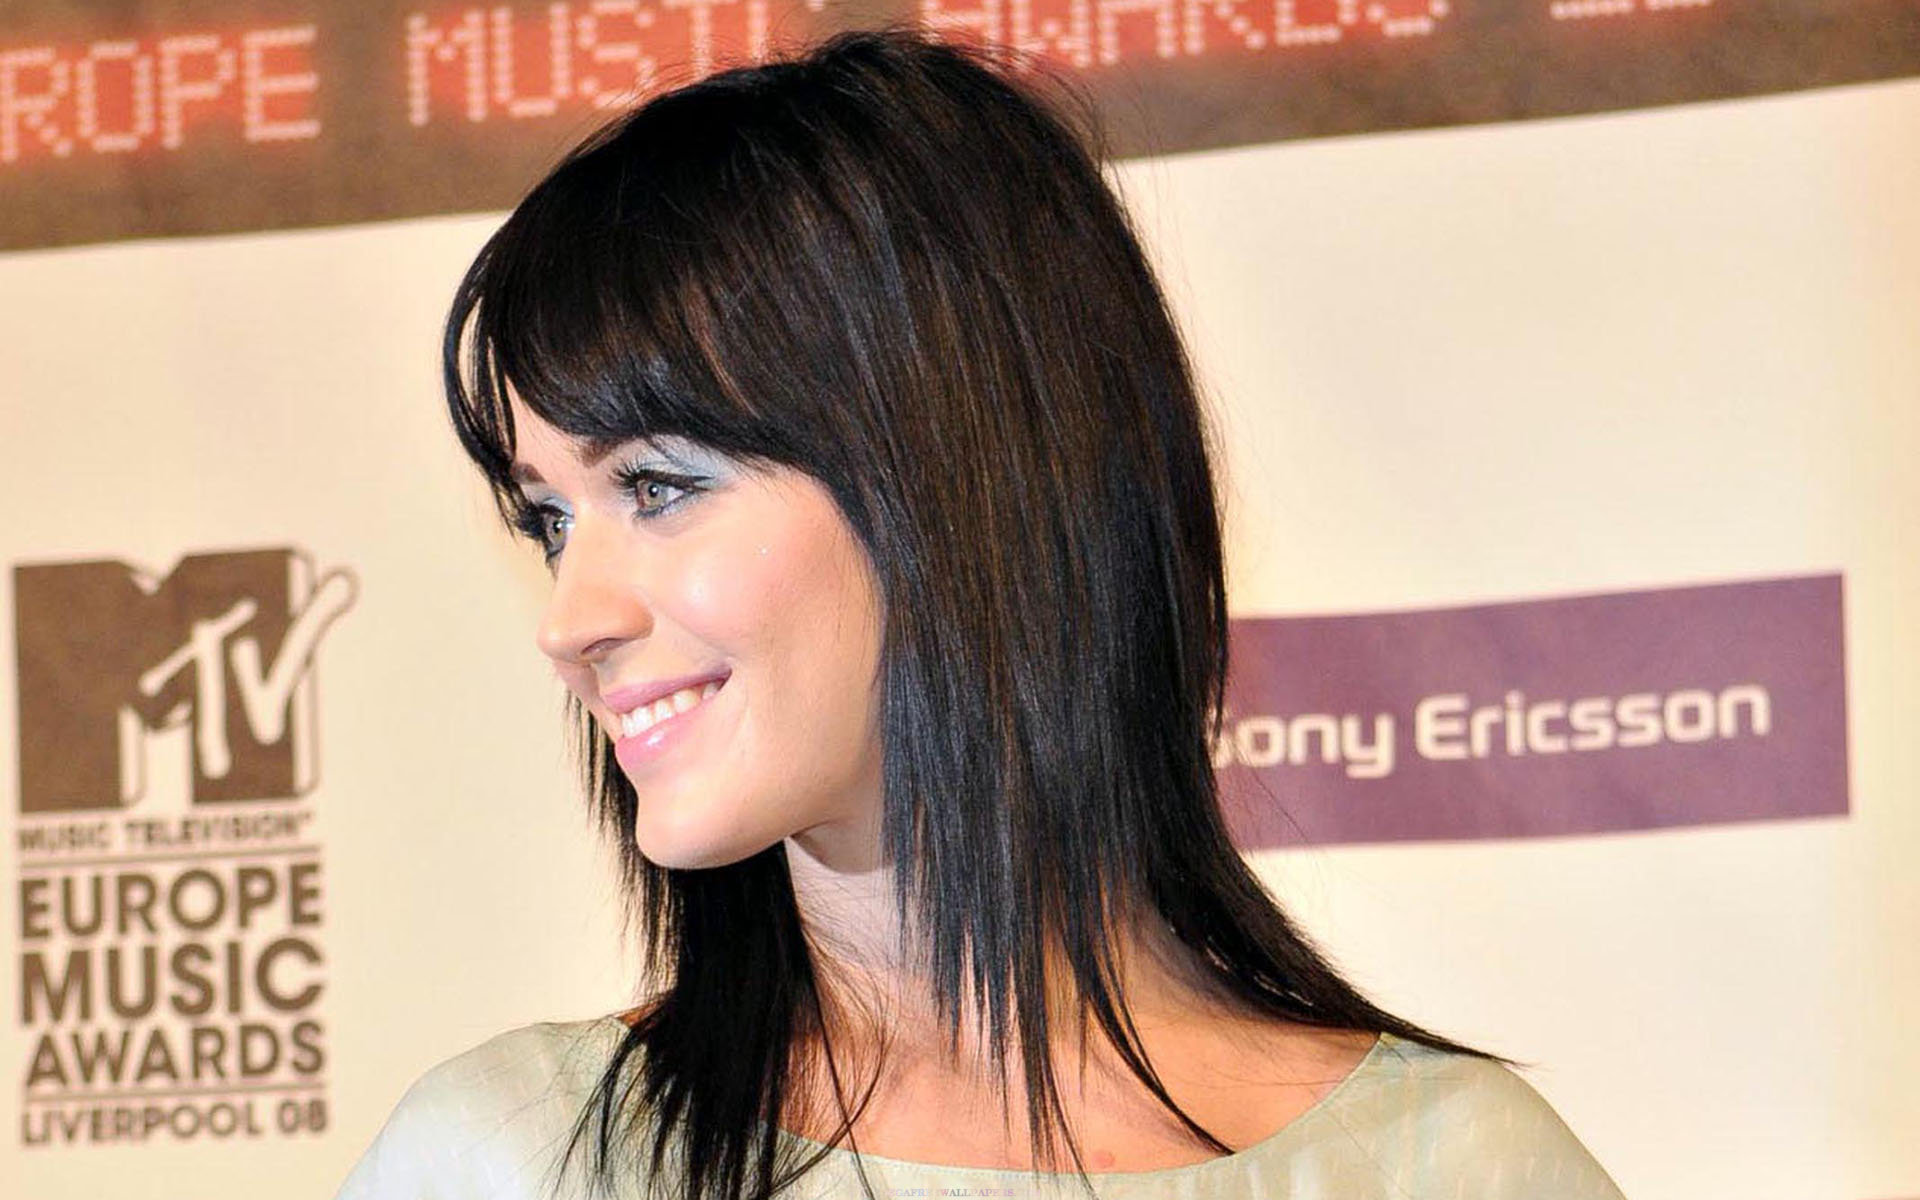 Peinado de Katy Perry - 1920x1200